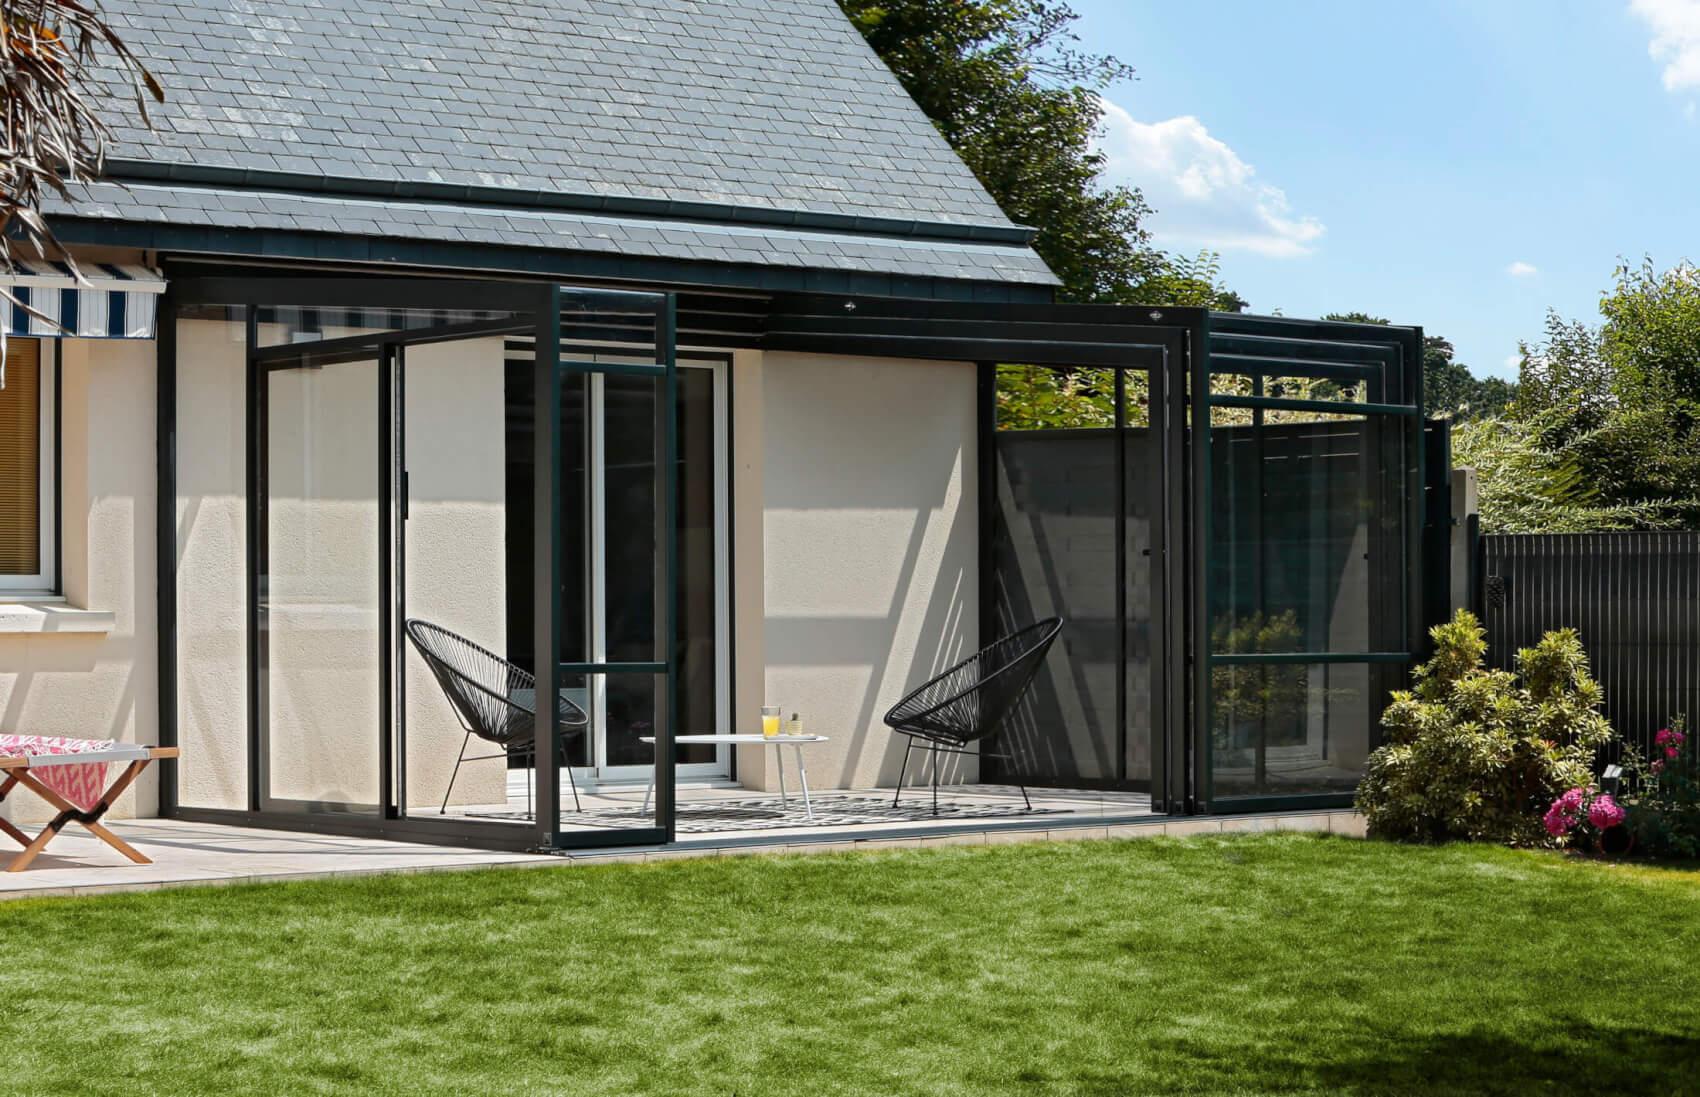 Abri Terrasse Aluminium - Modèles Coulissants ... destiné Abri Pour Terrasse